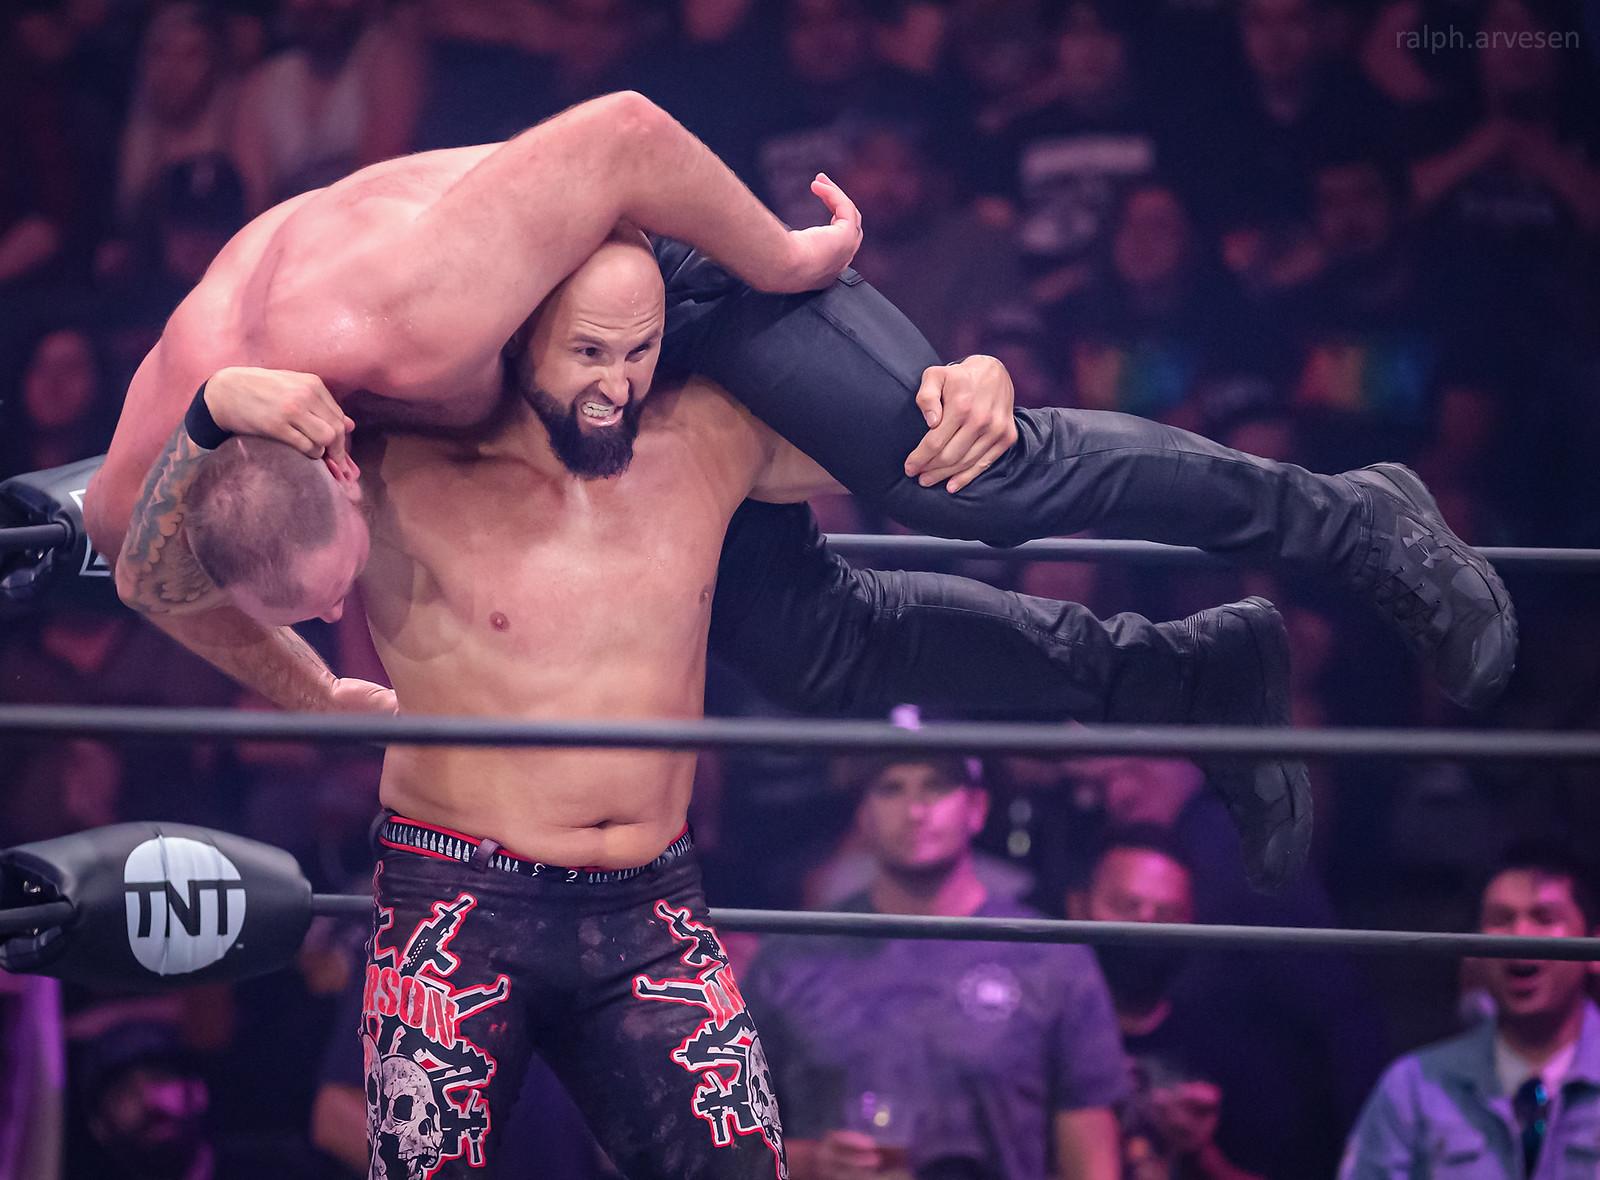 All Elite Wrestling   Texas Review   Ralph Arvesen